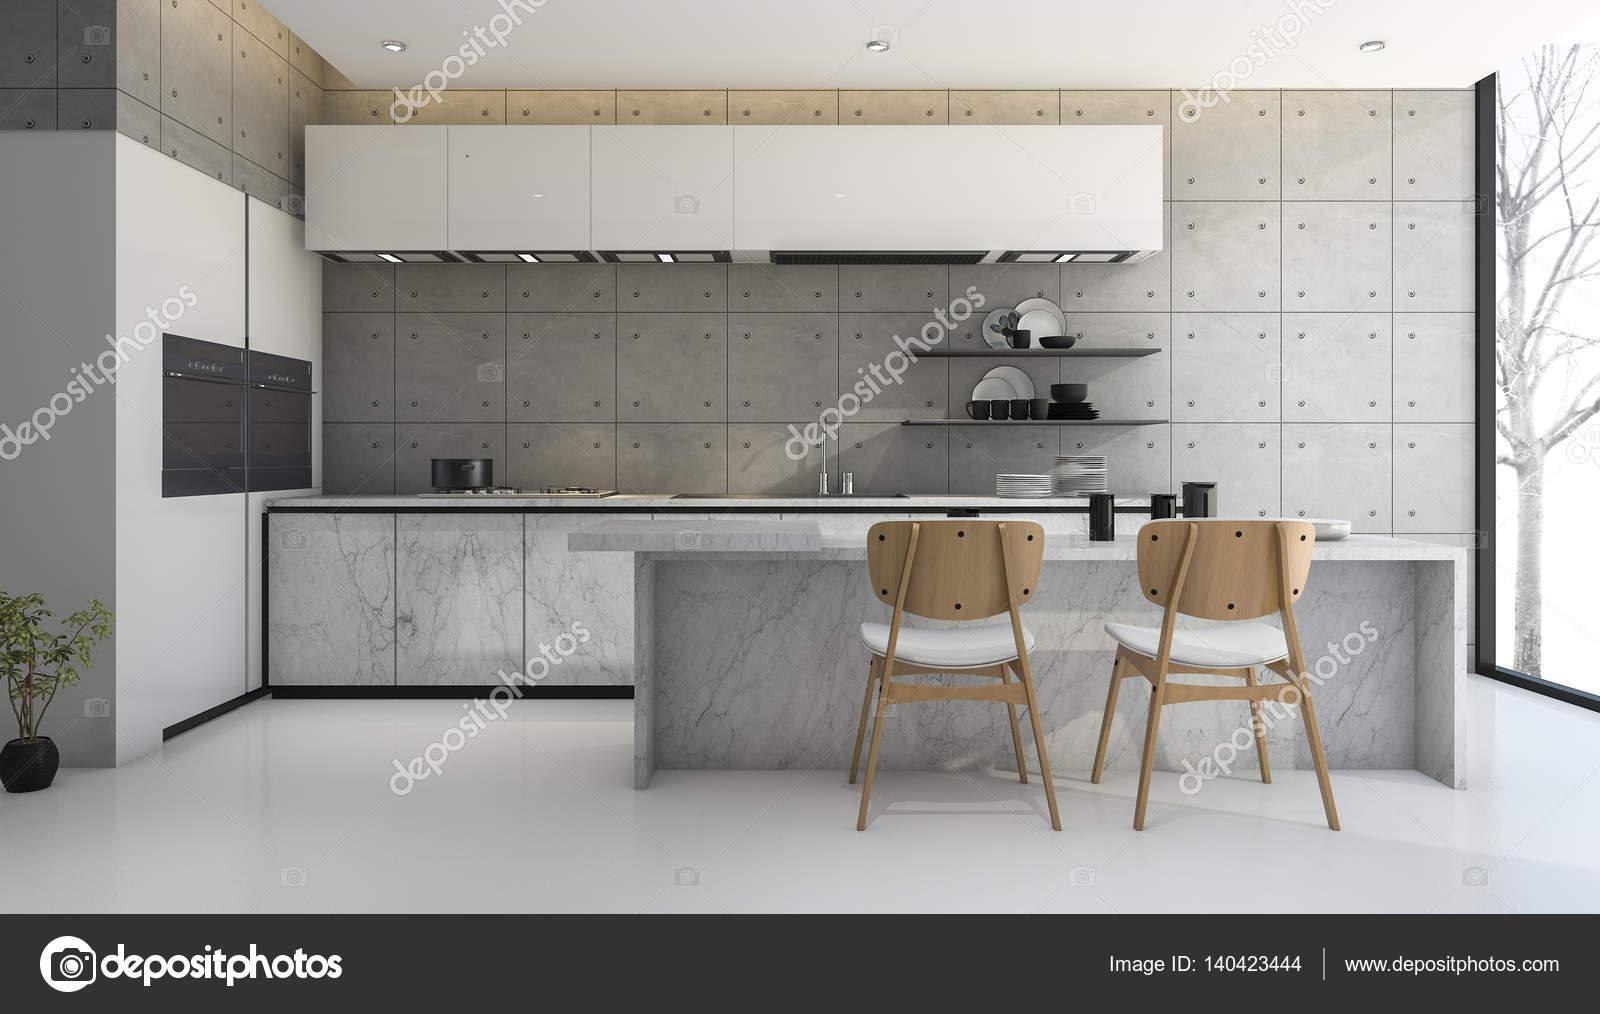 loft de representación 3D y moderna cocina concreto — Foto de stock ...